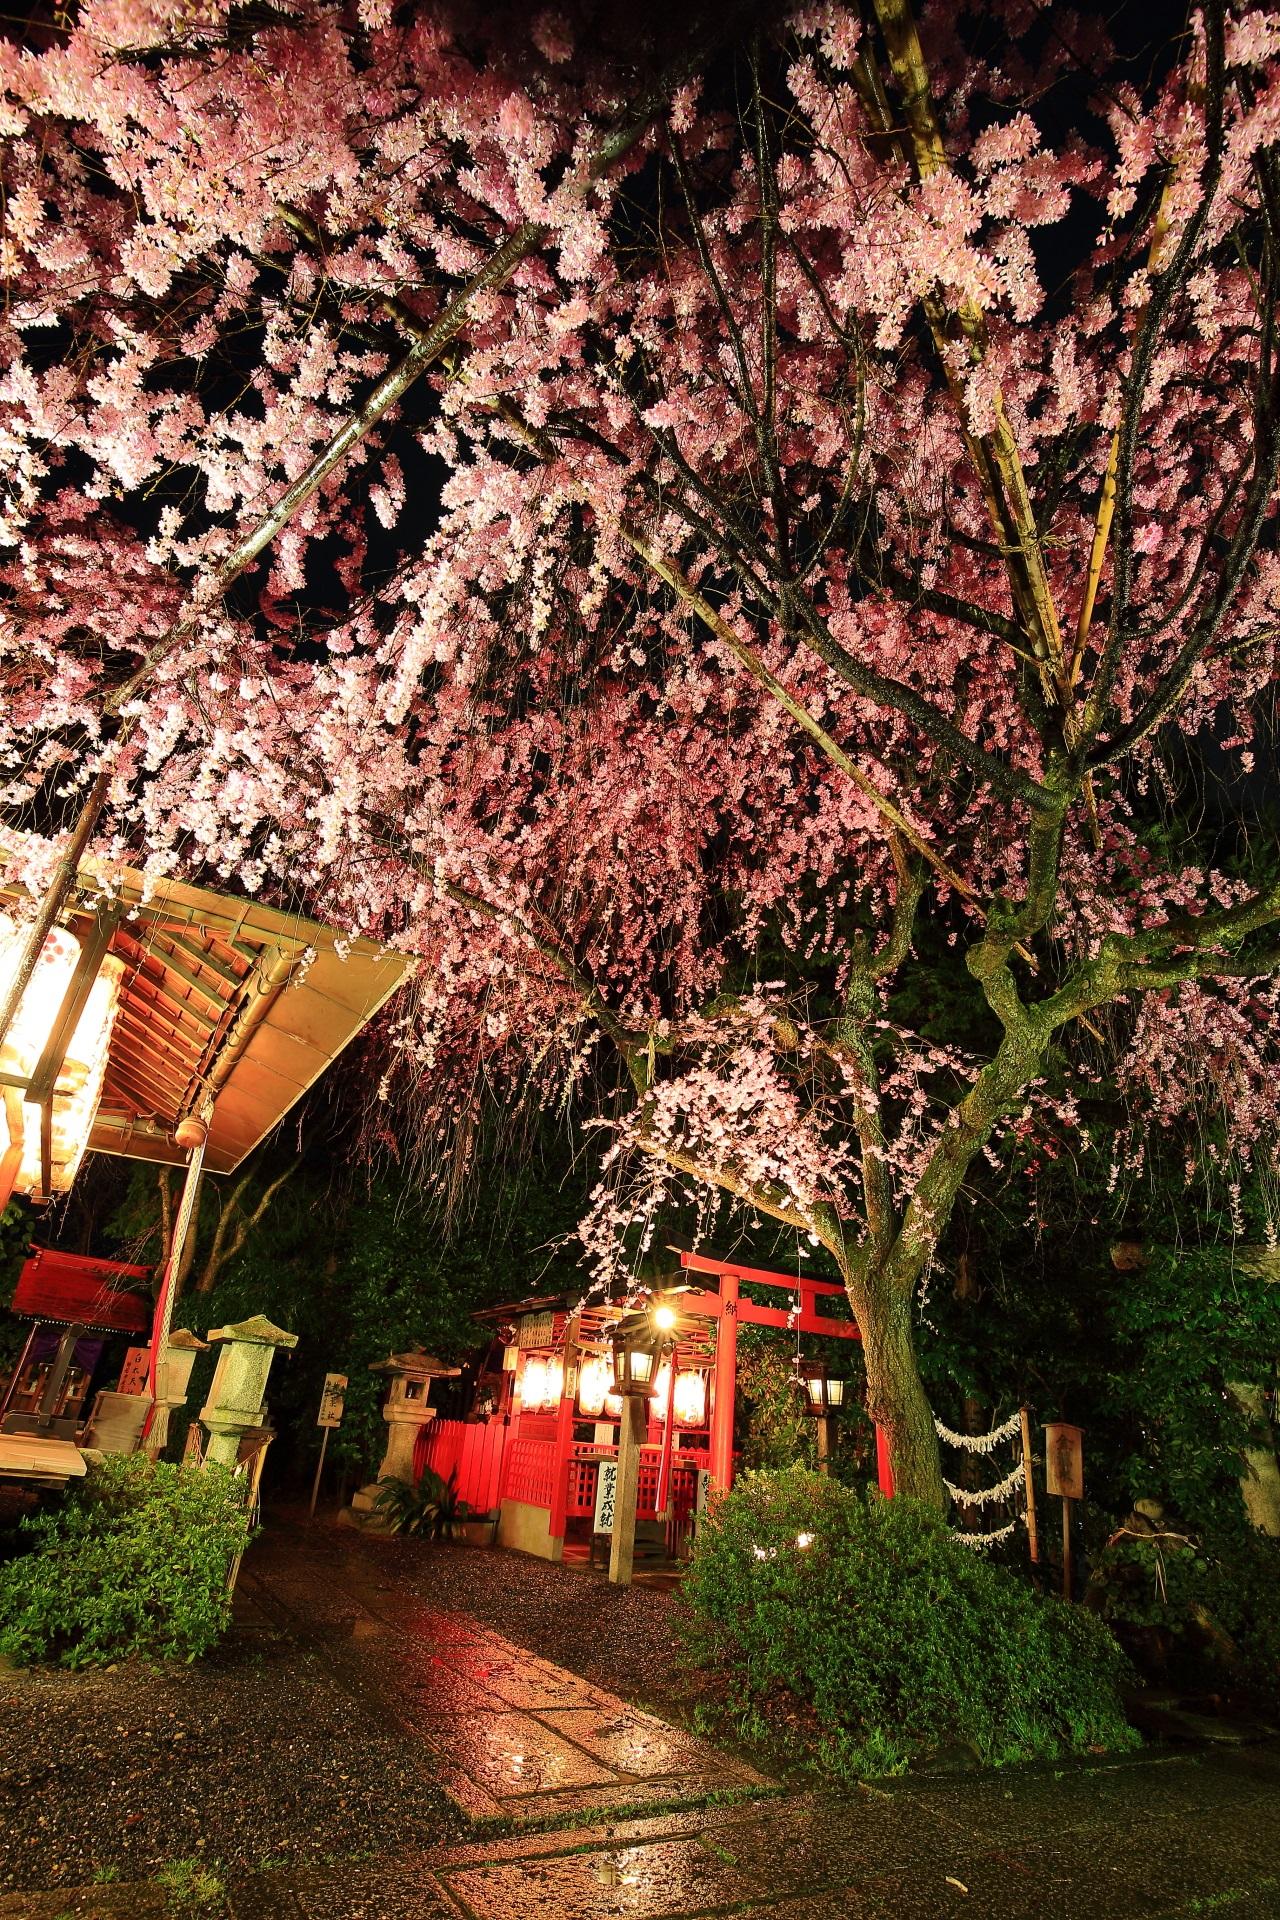 水火天満宮の素晴らしい夜桜ライトアップ